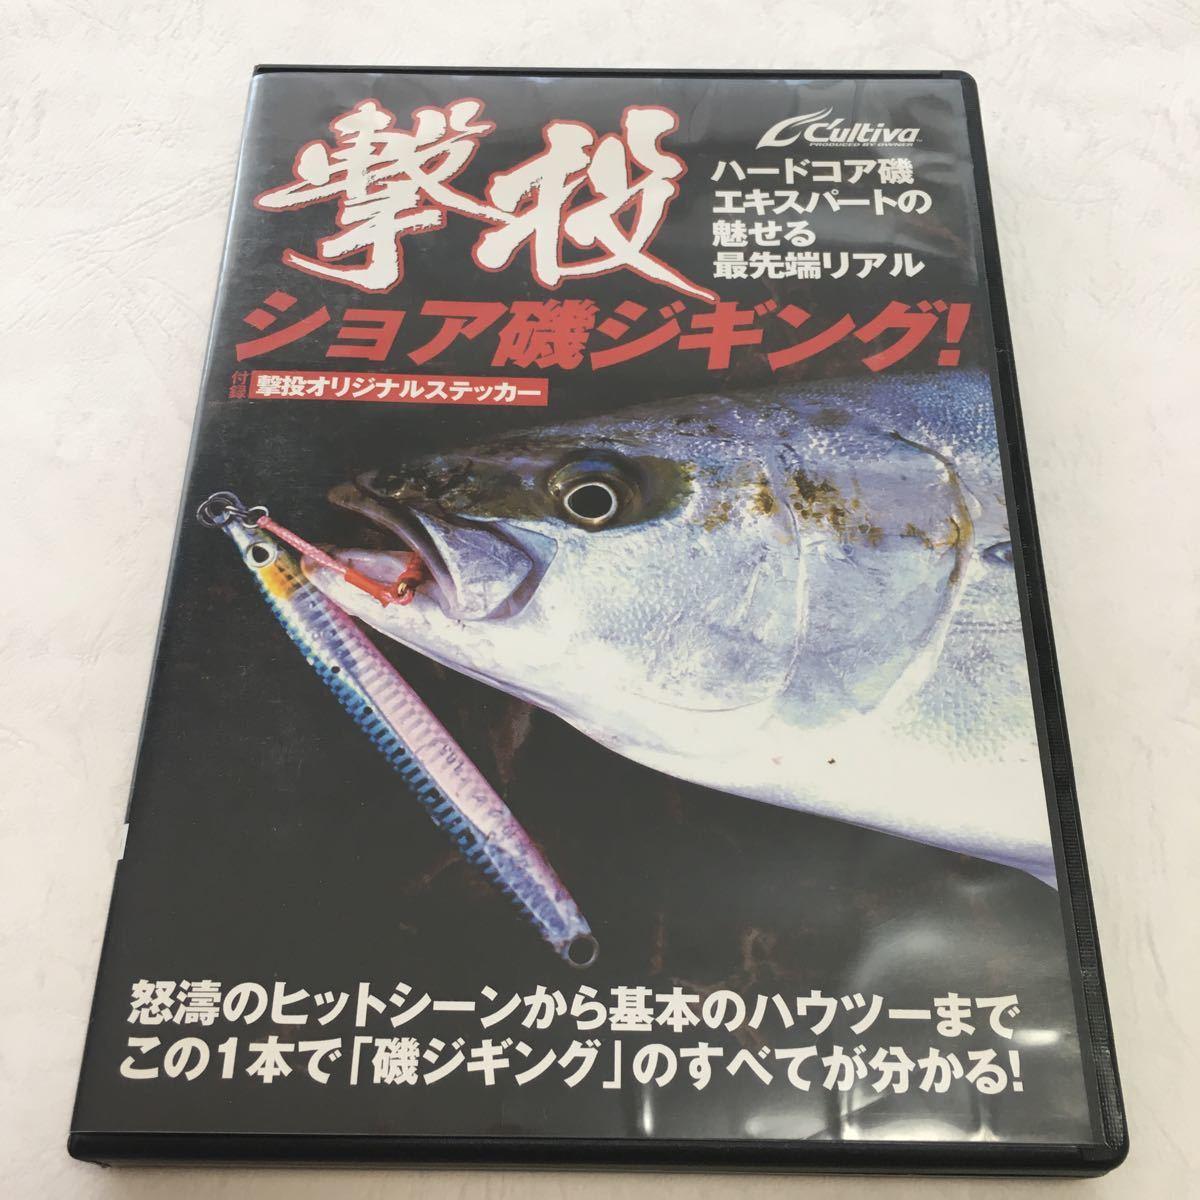 DVD【撃投 ショア磯ジギング!】C'ultiva/カルティバ★オリジナルステッカー付録